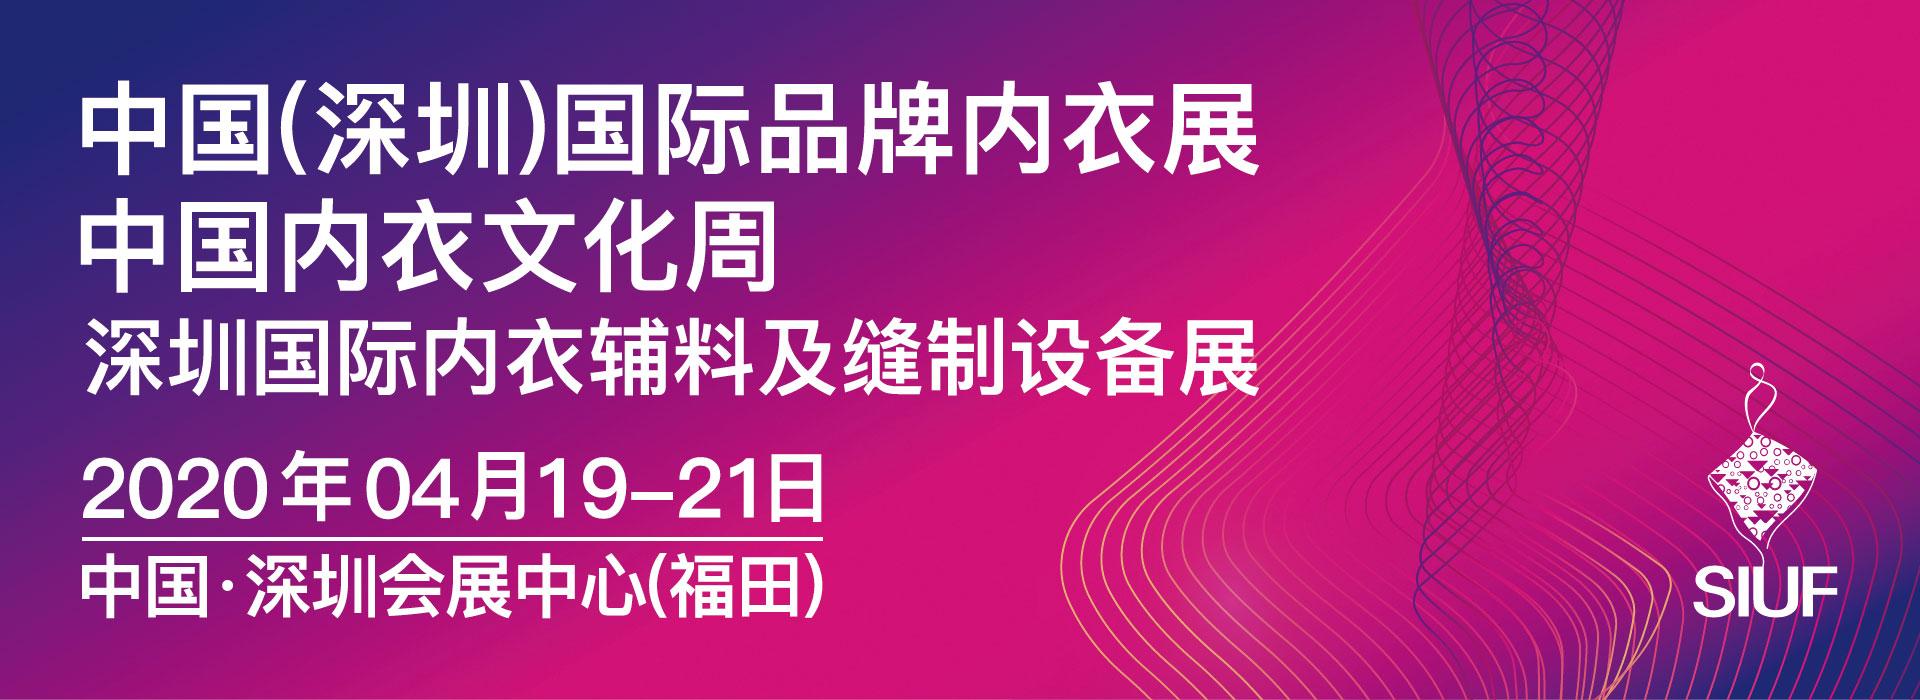 中国(深圳)国际品牌内衣展暨中国内衣文化周